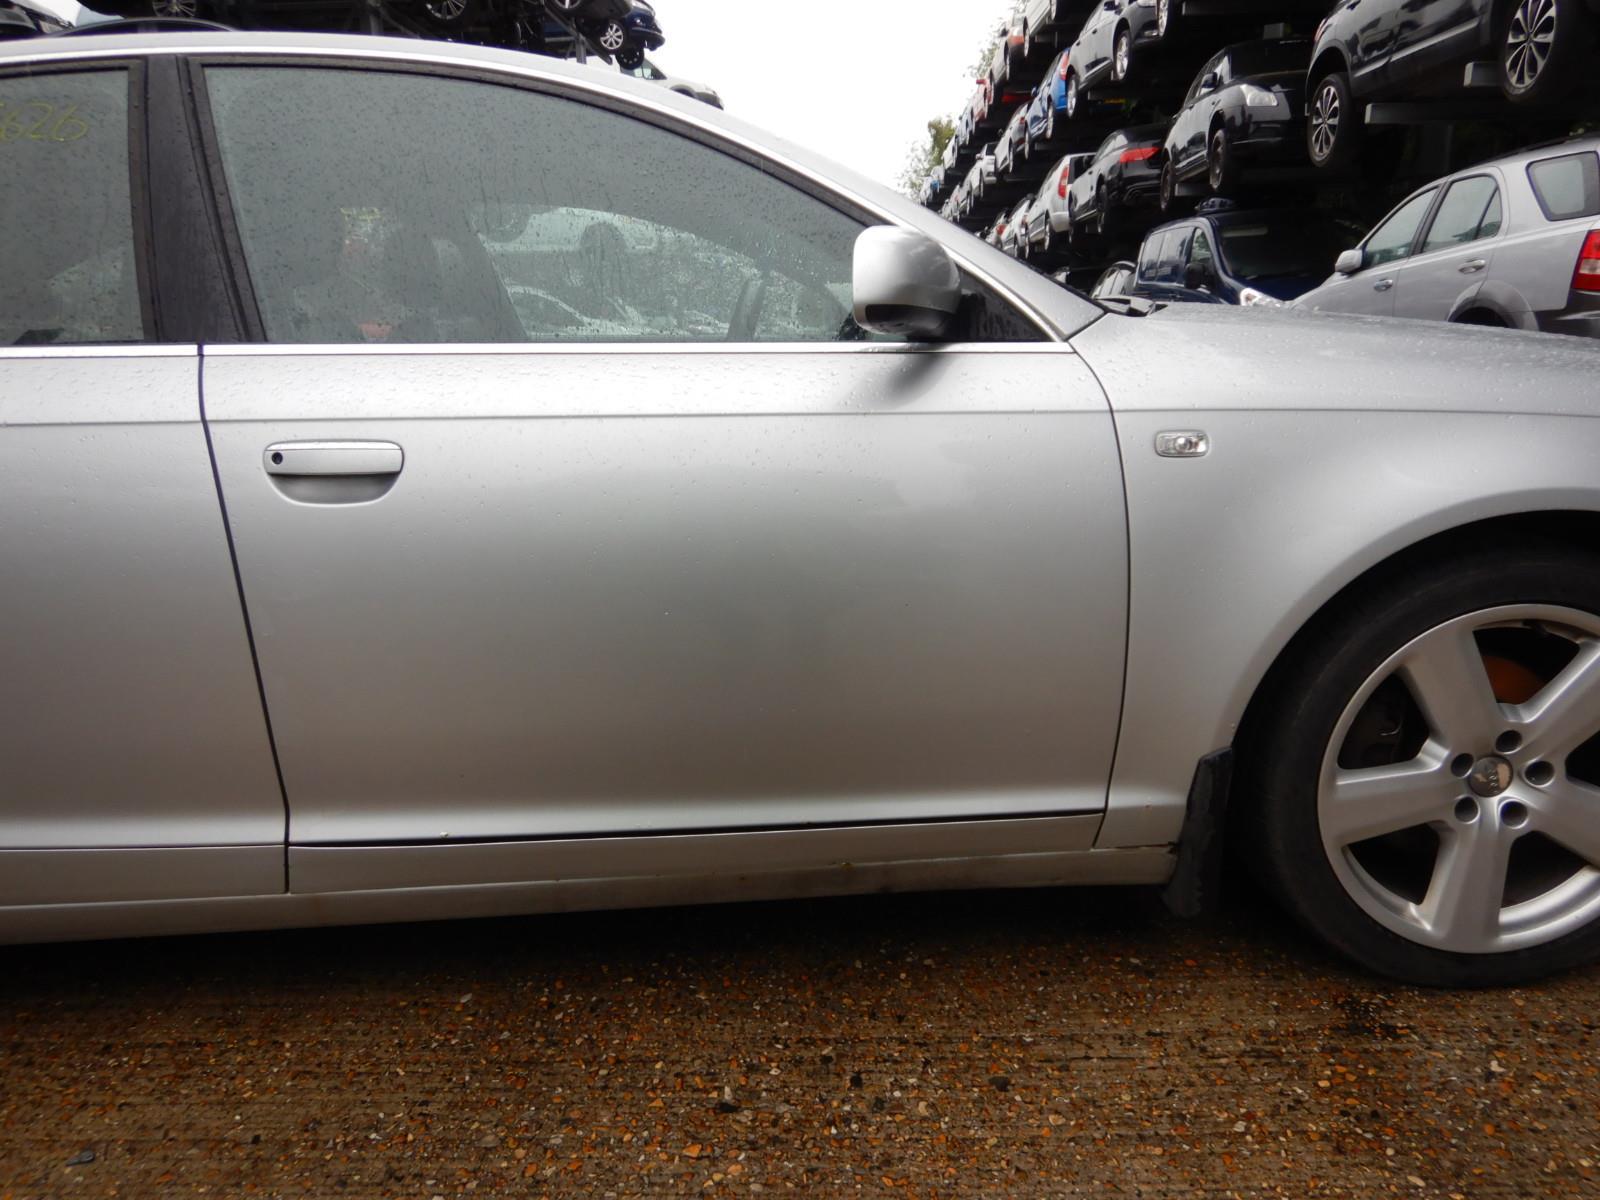 Audi A6 2004 To 2008 S Line 4 Door Saloon